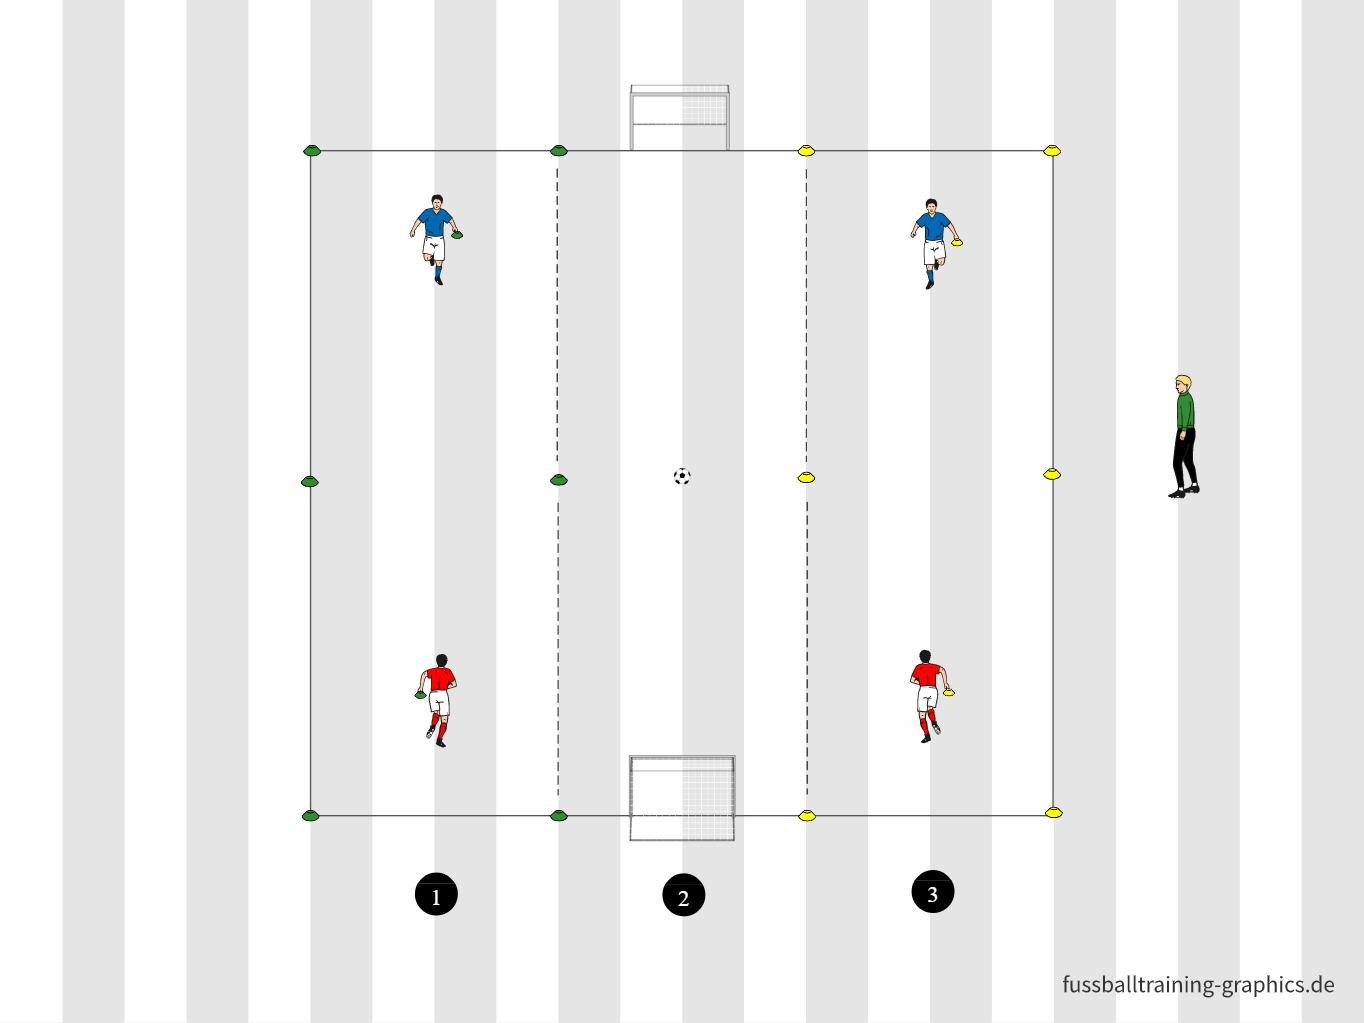 Spielform: Spurenfußball im 2 gegen 2